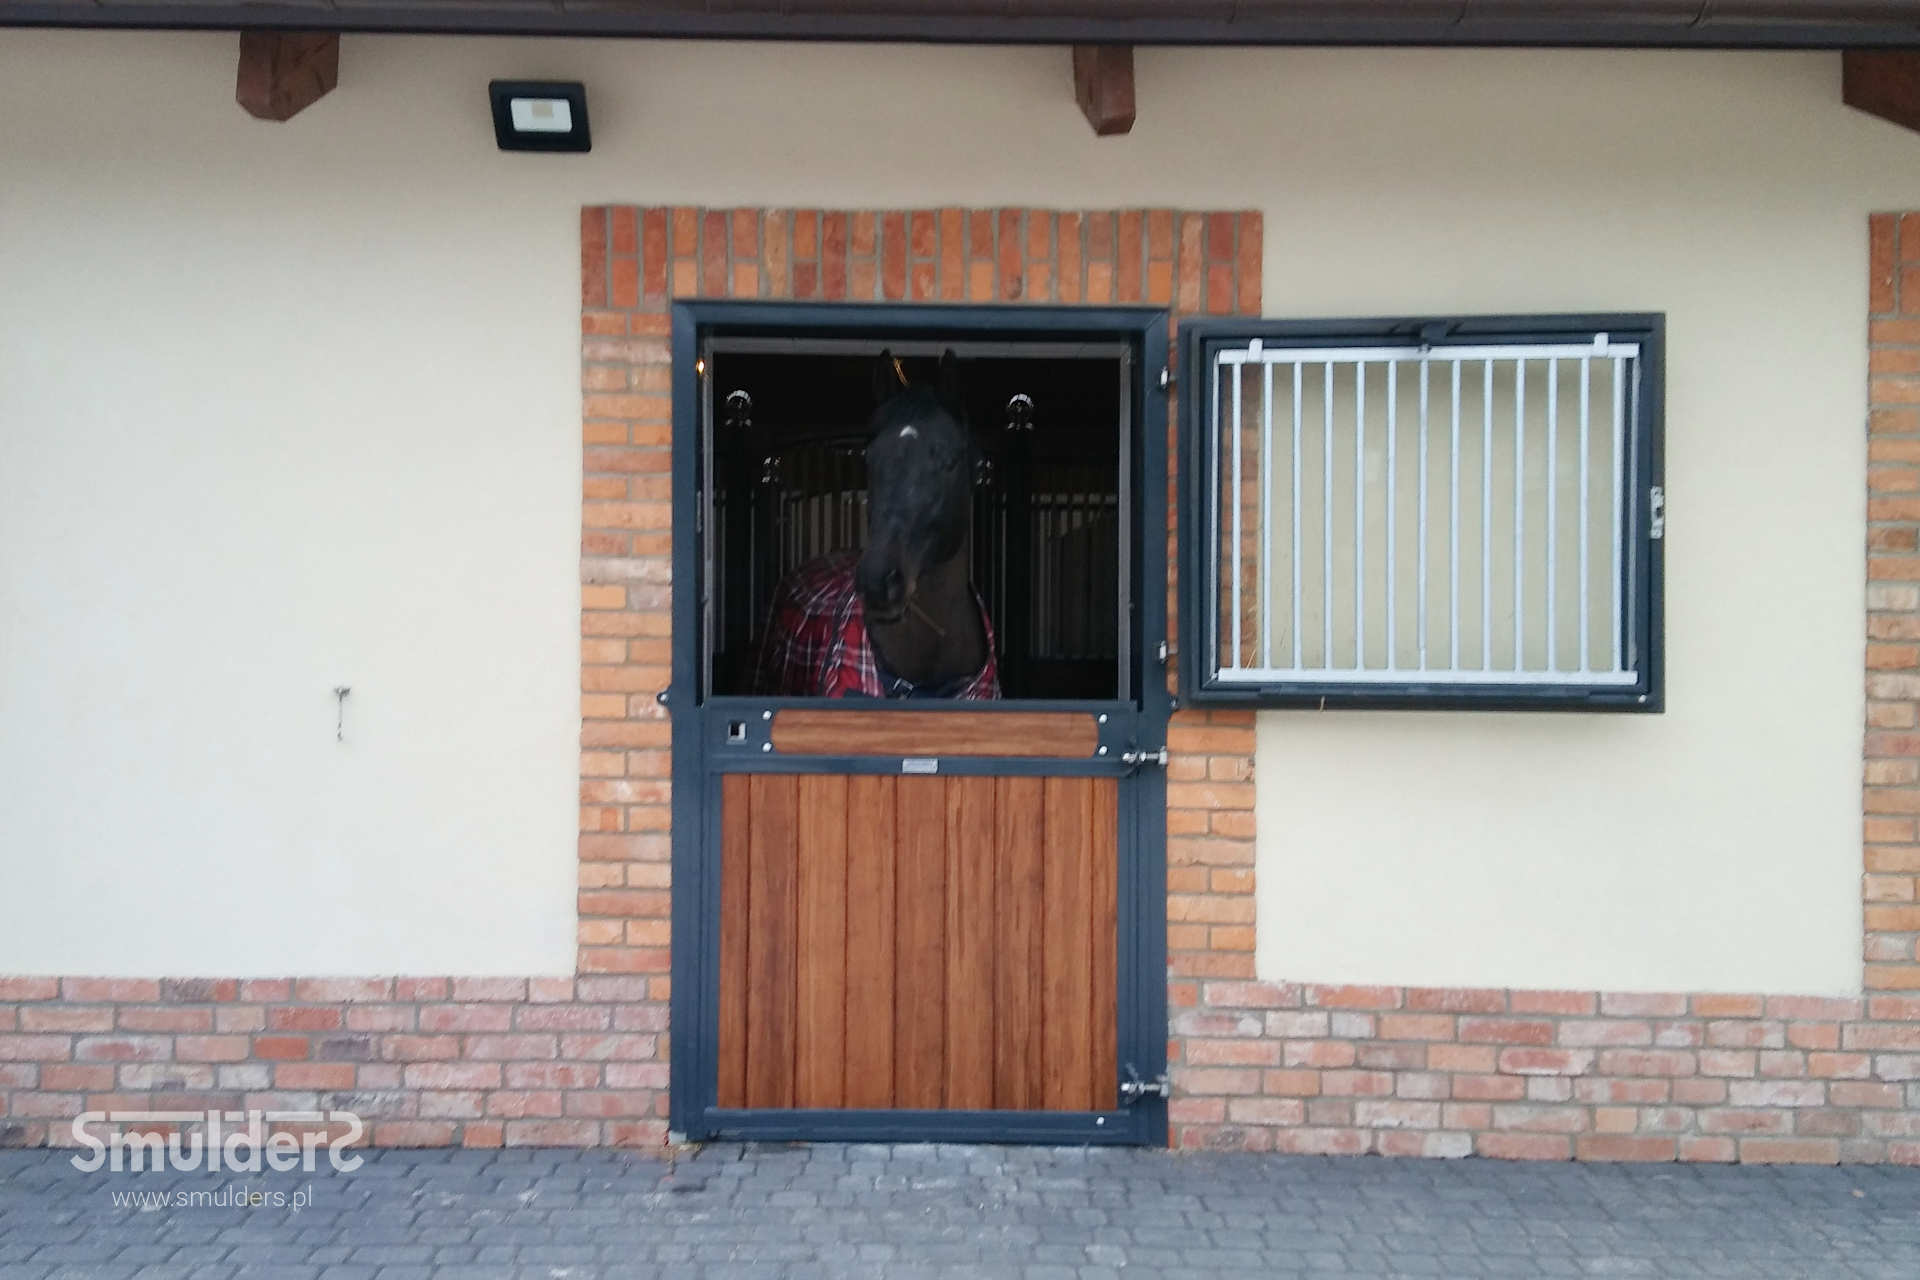 https://www.smulders.pl/wp-content/uploads/2019/03/f006_internal-stables_windsor_barn-door_door_windows_LAN_SMULDERS_PL.jpg